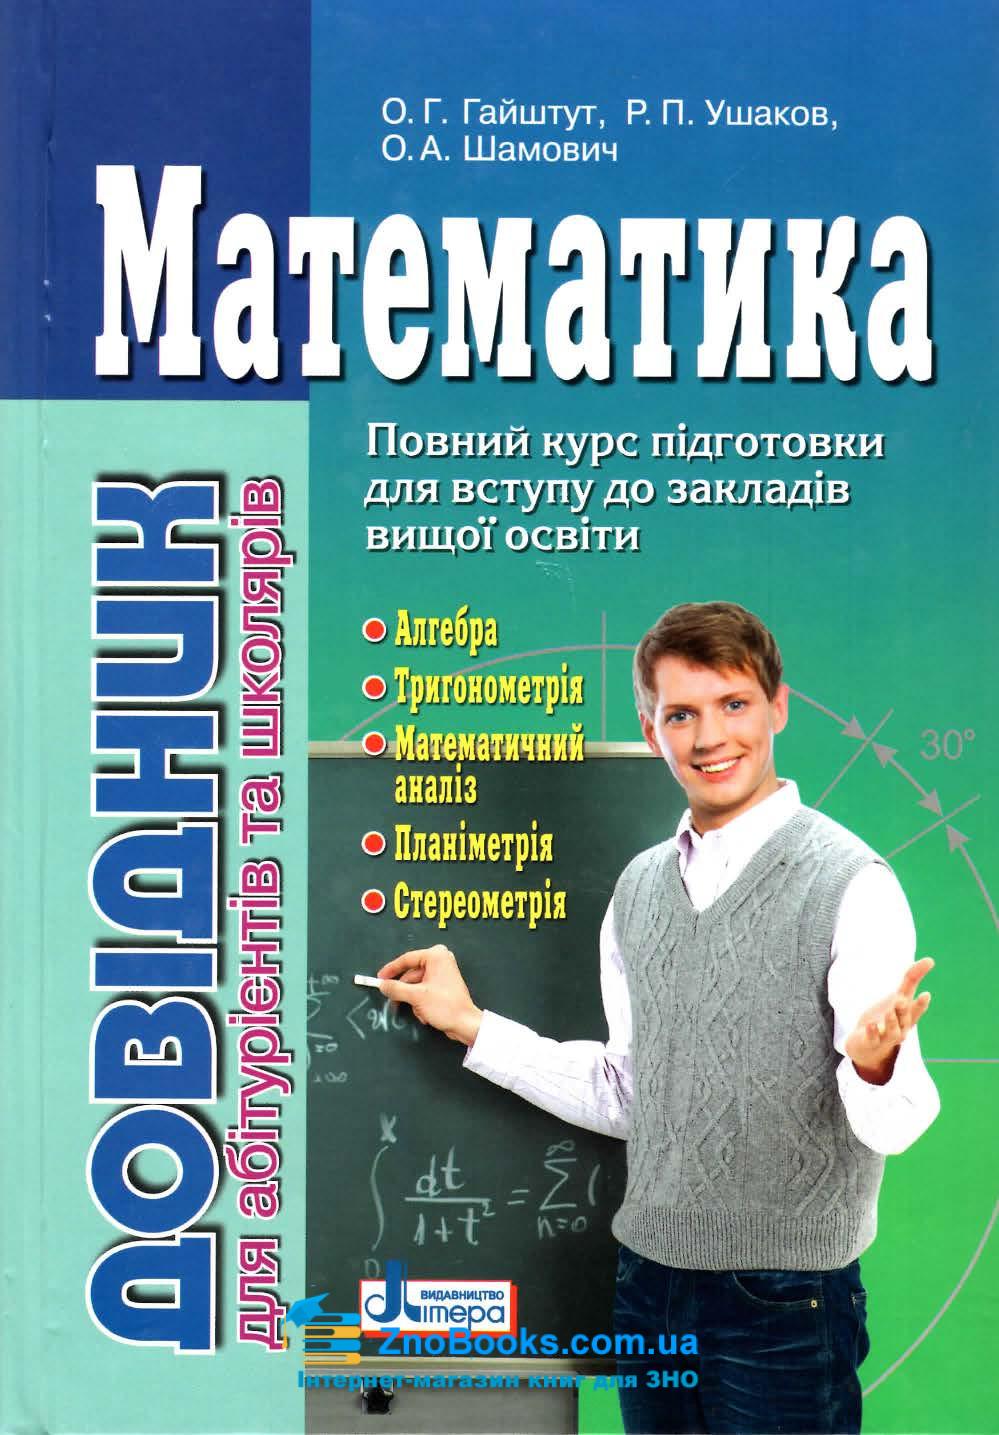 Математика. Довідник для абітурієнтів та школярів : Гайштут О. Літера. купити 0